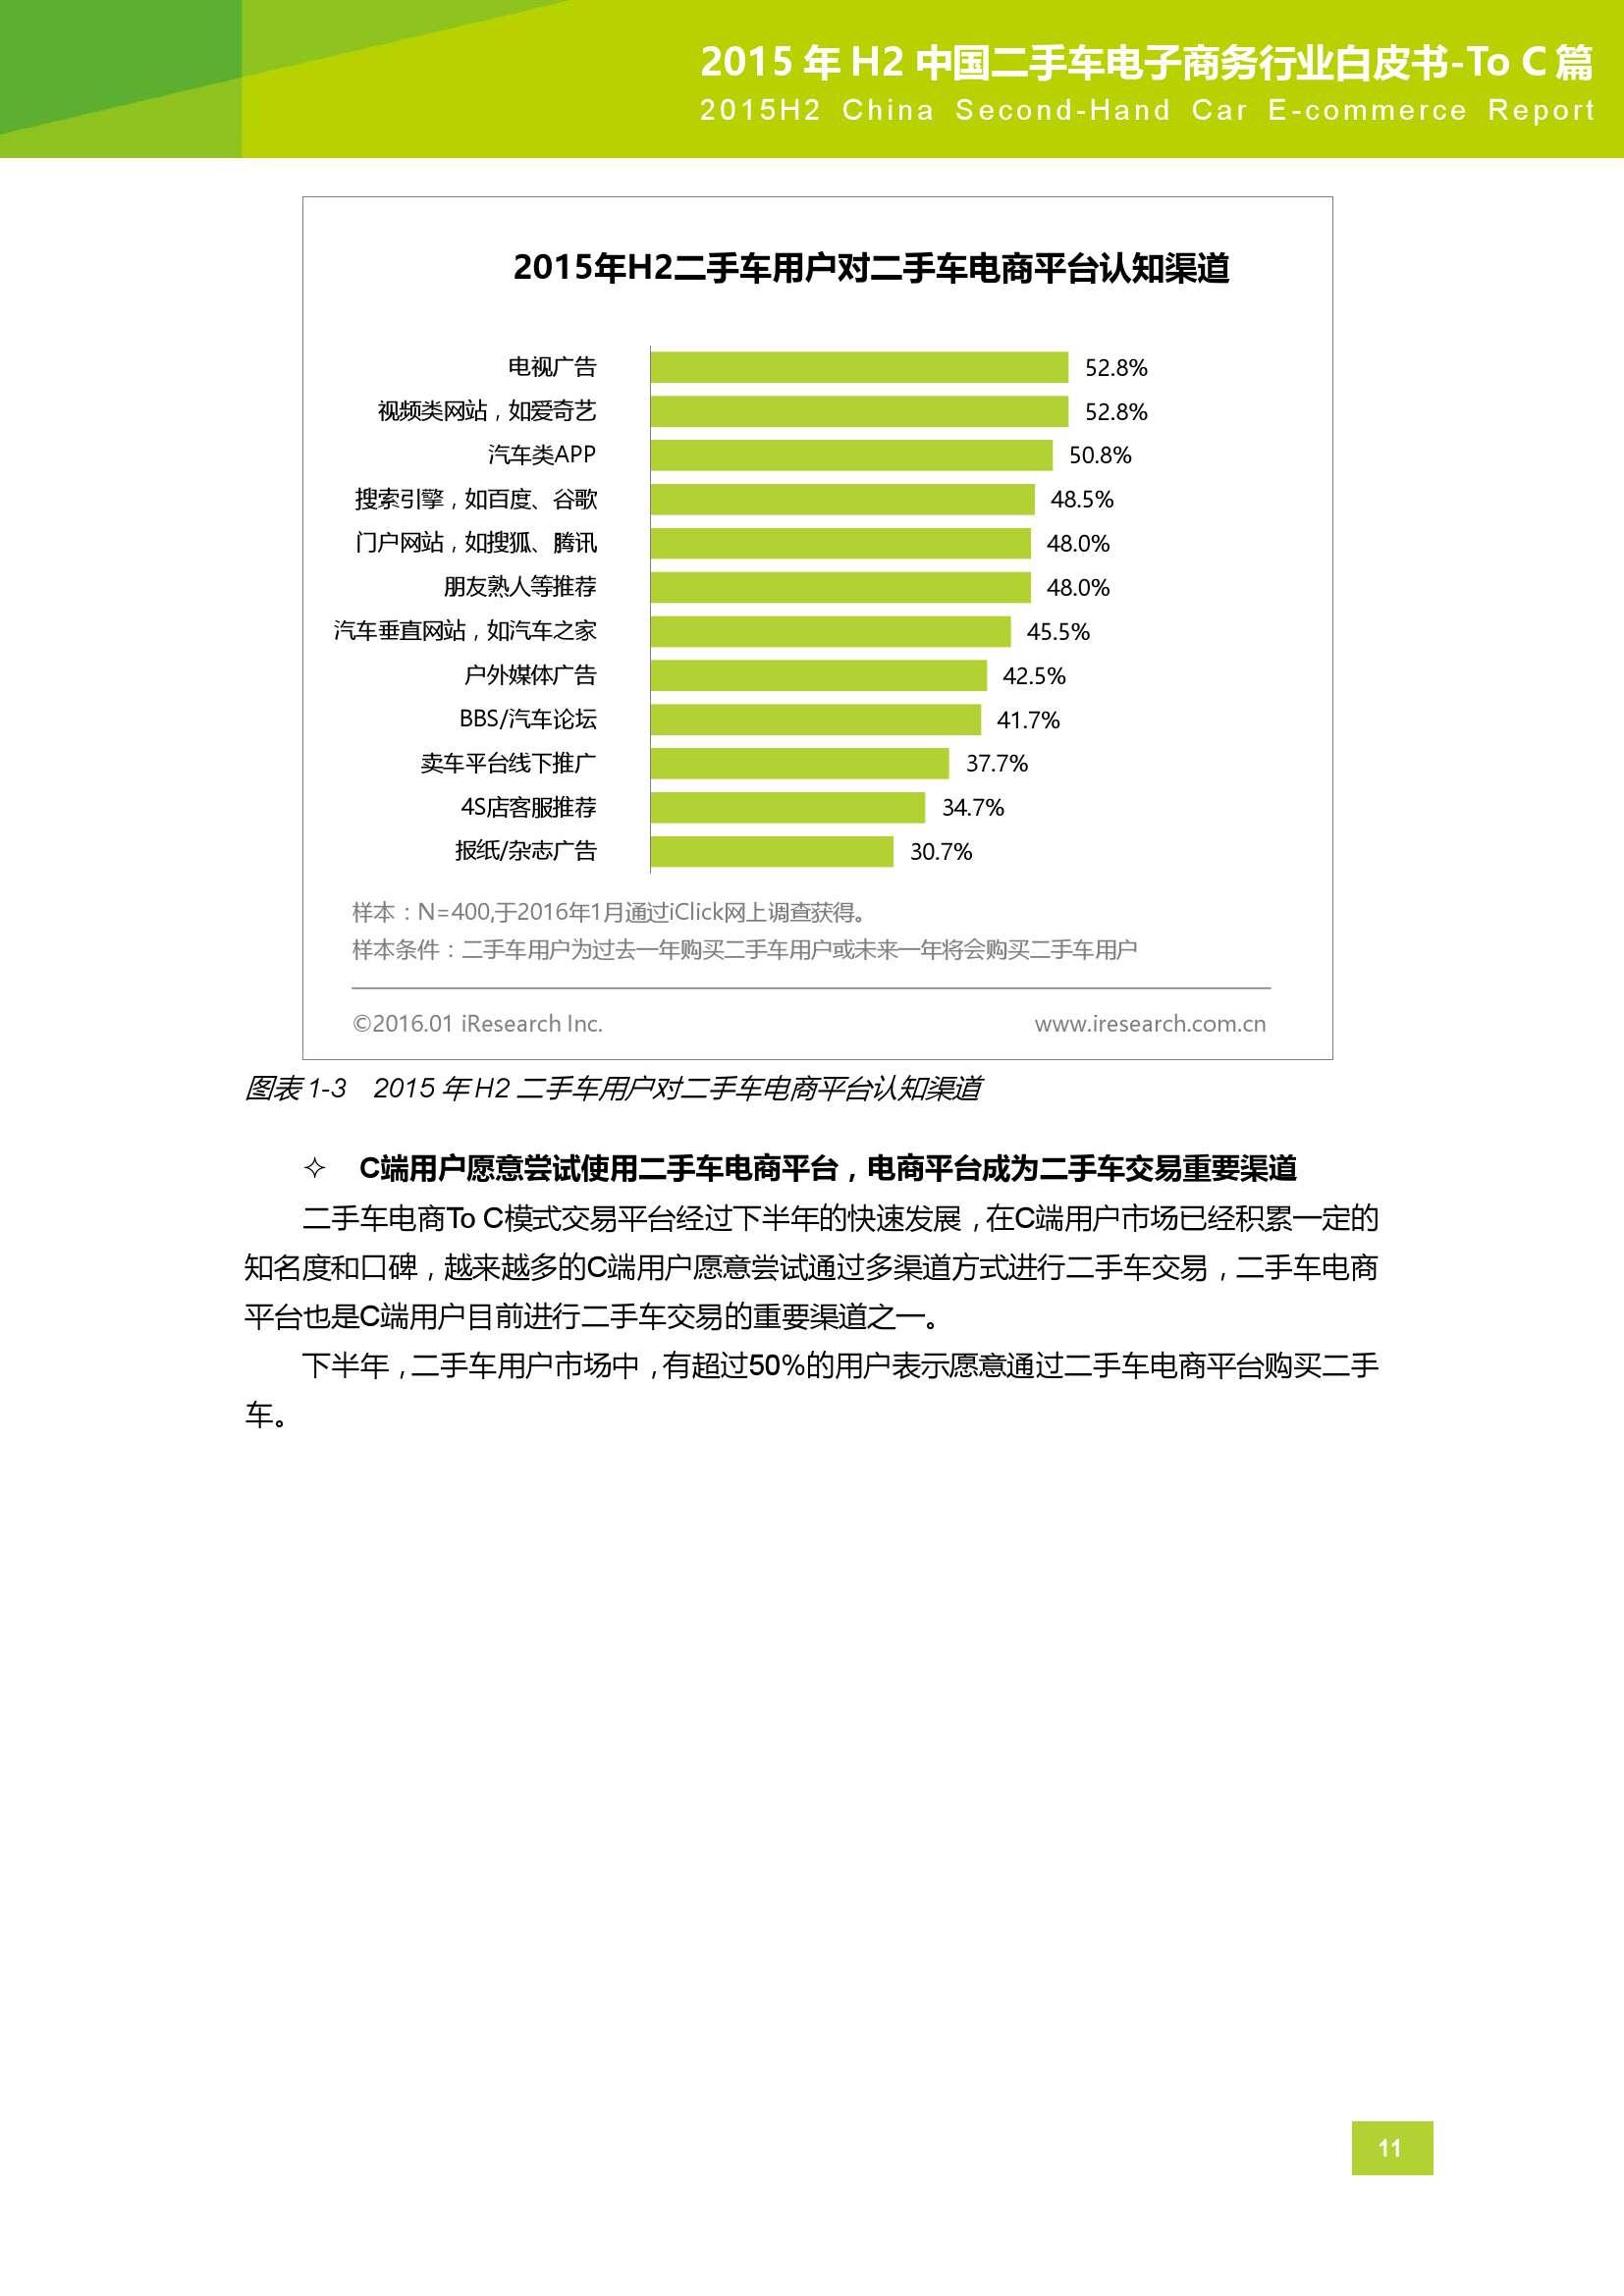 2015年H2中国二手车电子商务行业白皮书_000011